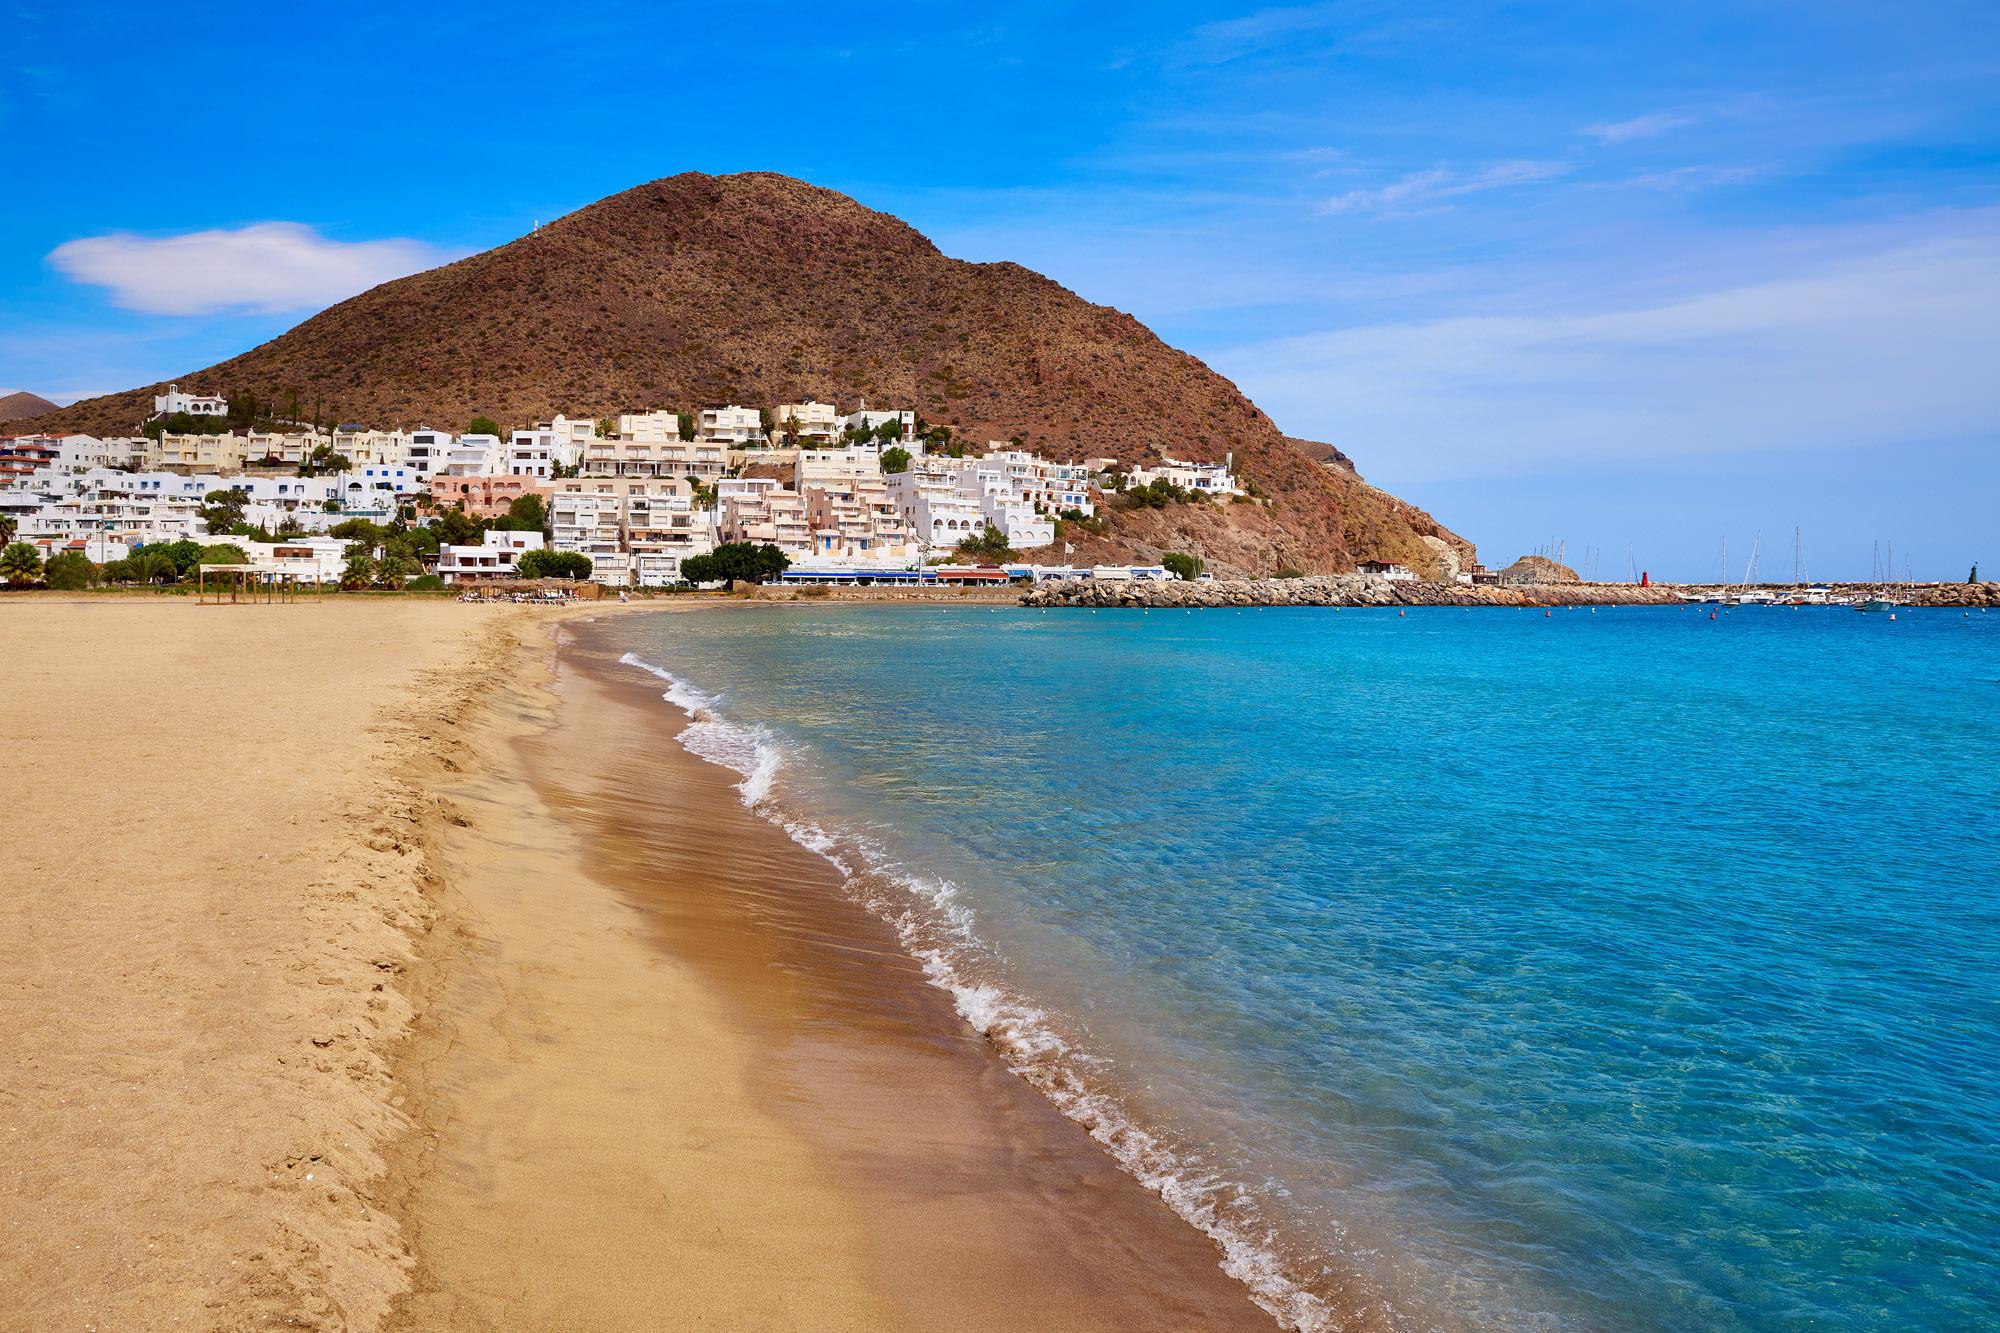 Strand San Jos 233 In N 237 Jar Andalusien 360 176